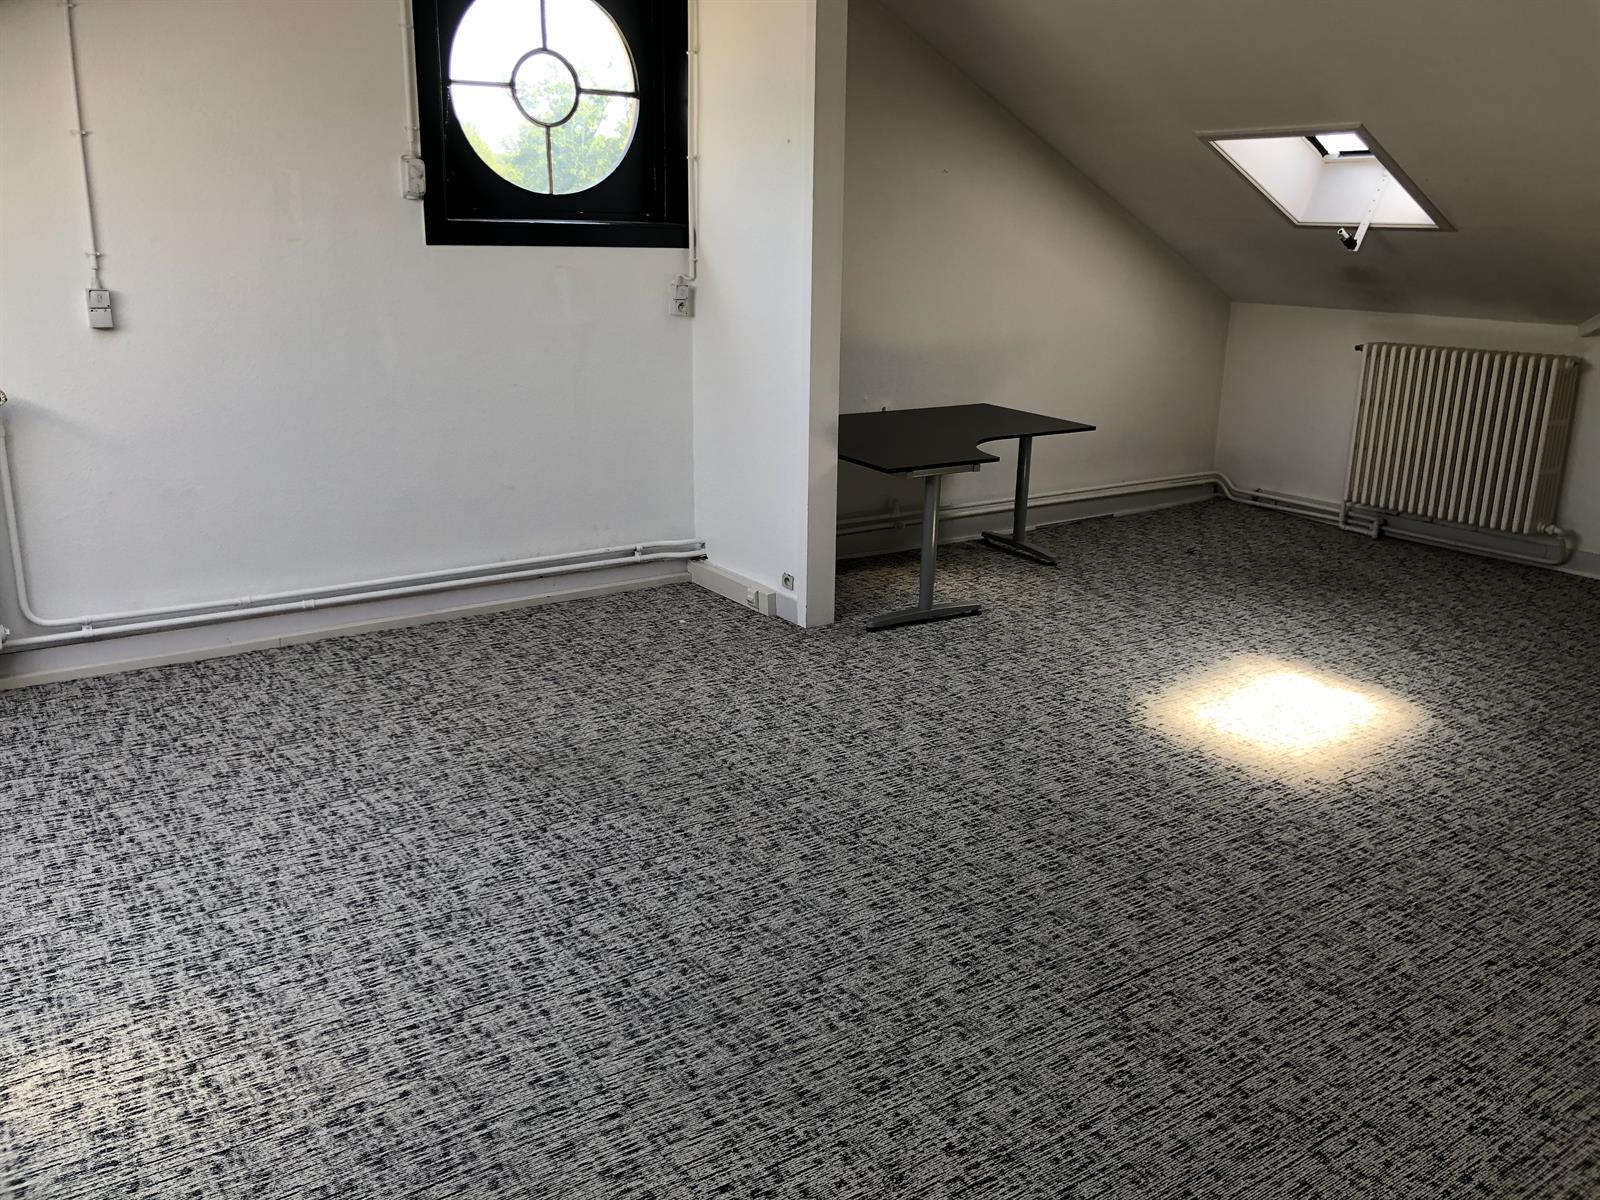 kantoor te huur Kantoorruimte in kasteel den Brandt - Beukenlaan 12, 2020 Antwerpen, België 9